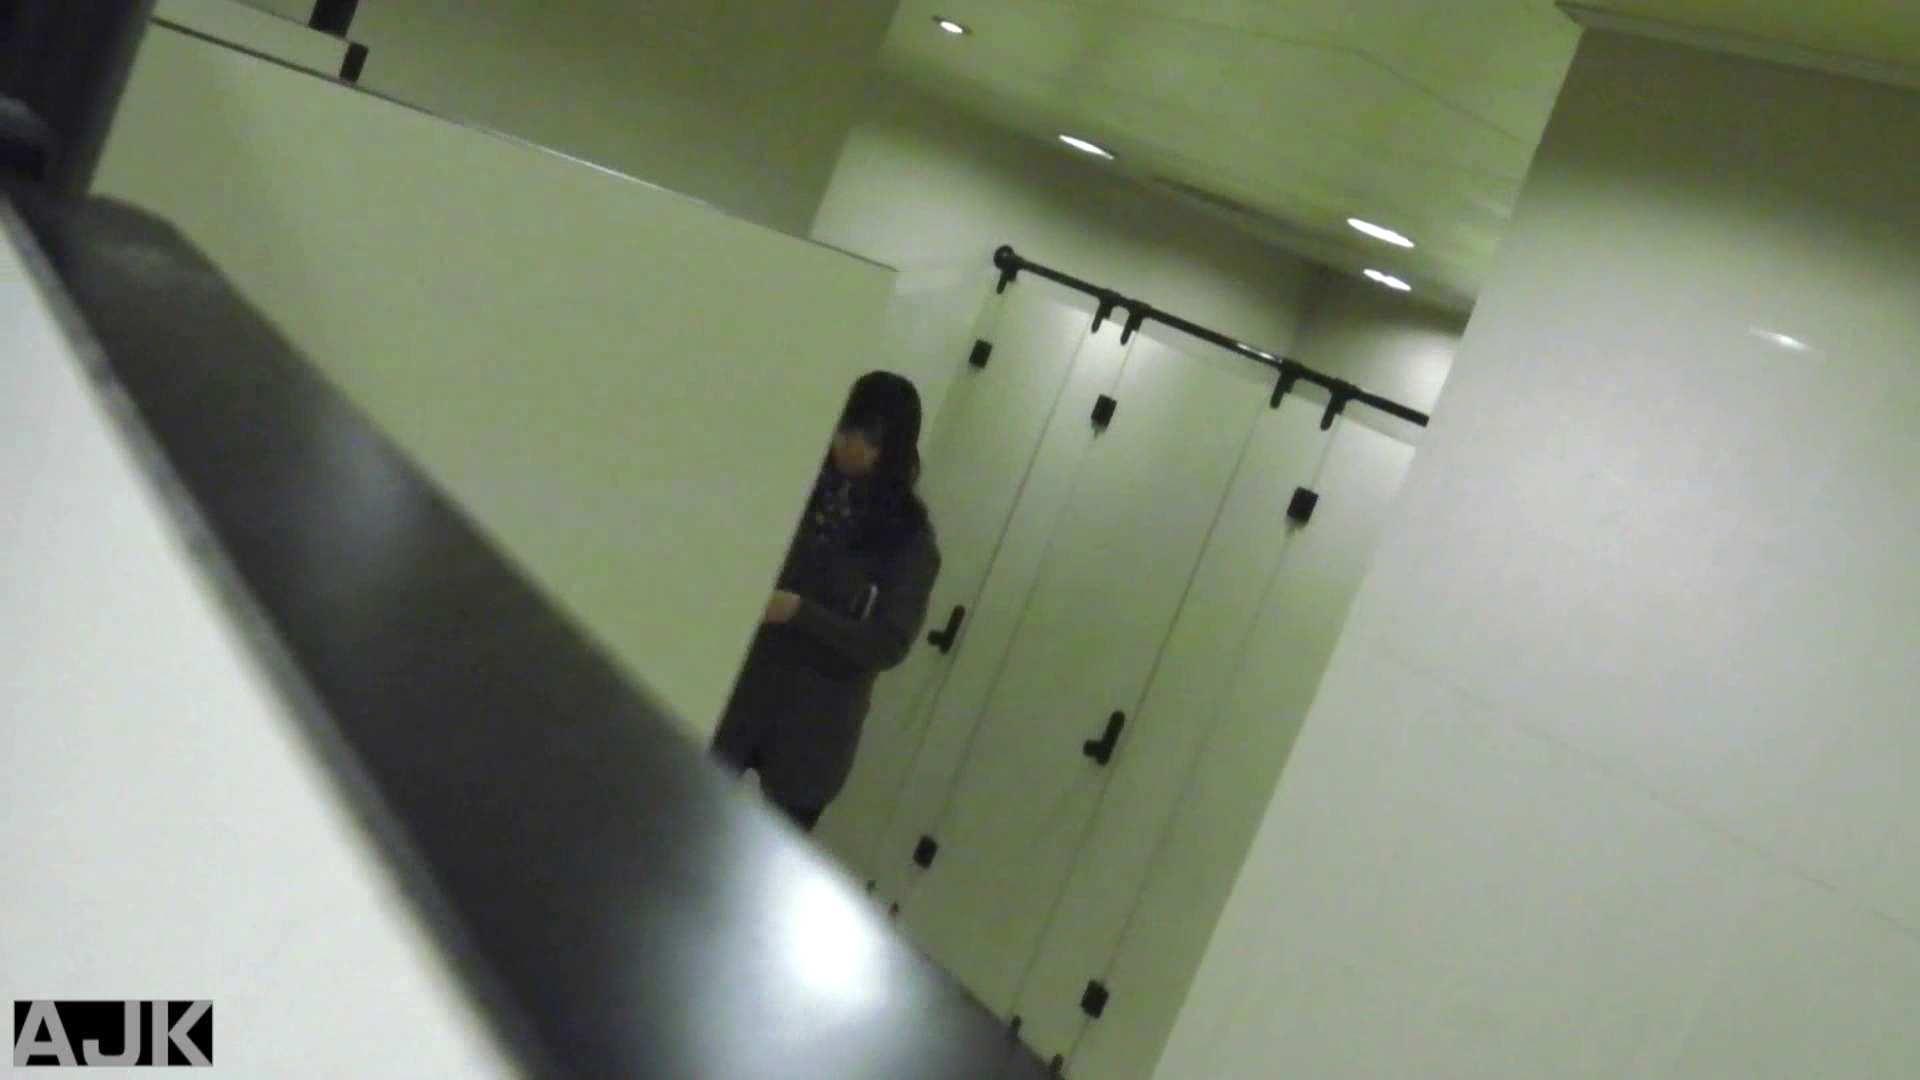 隣国上階級エリアの令嬢たちが集うデパートお手洗い Vol.14 美女H映像   洗面所  57画像 39